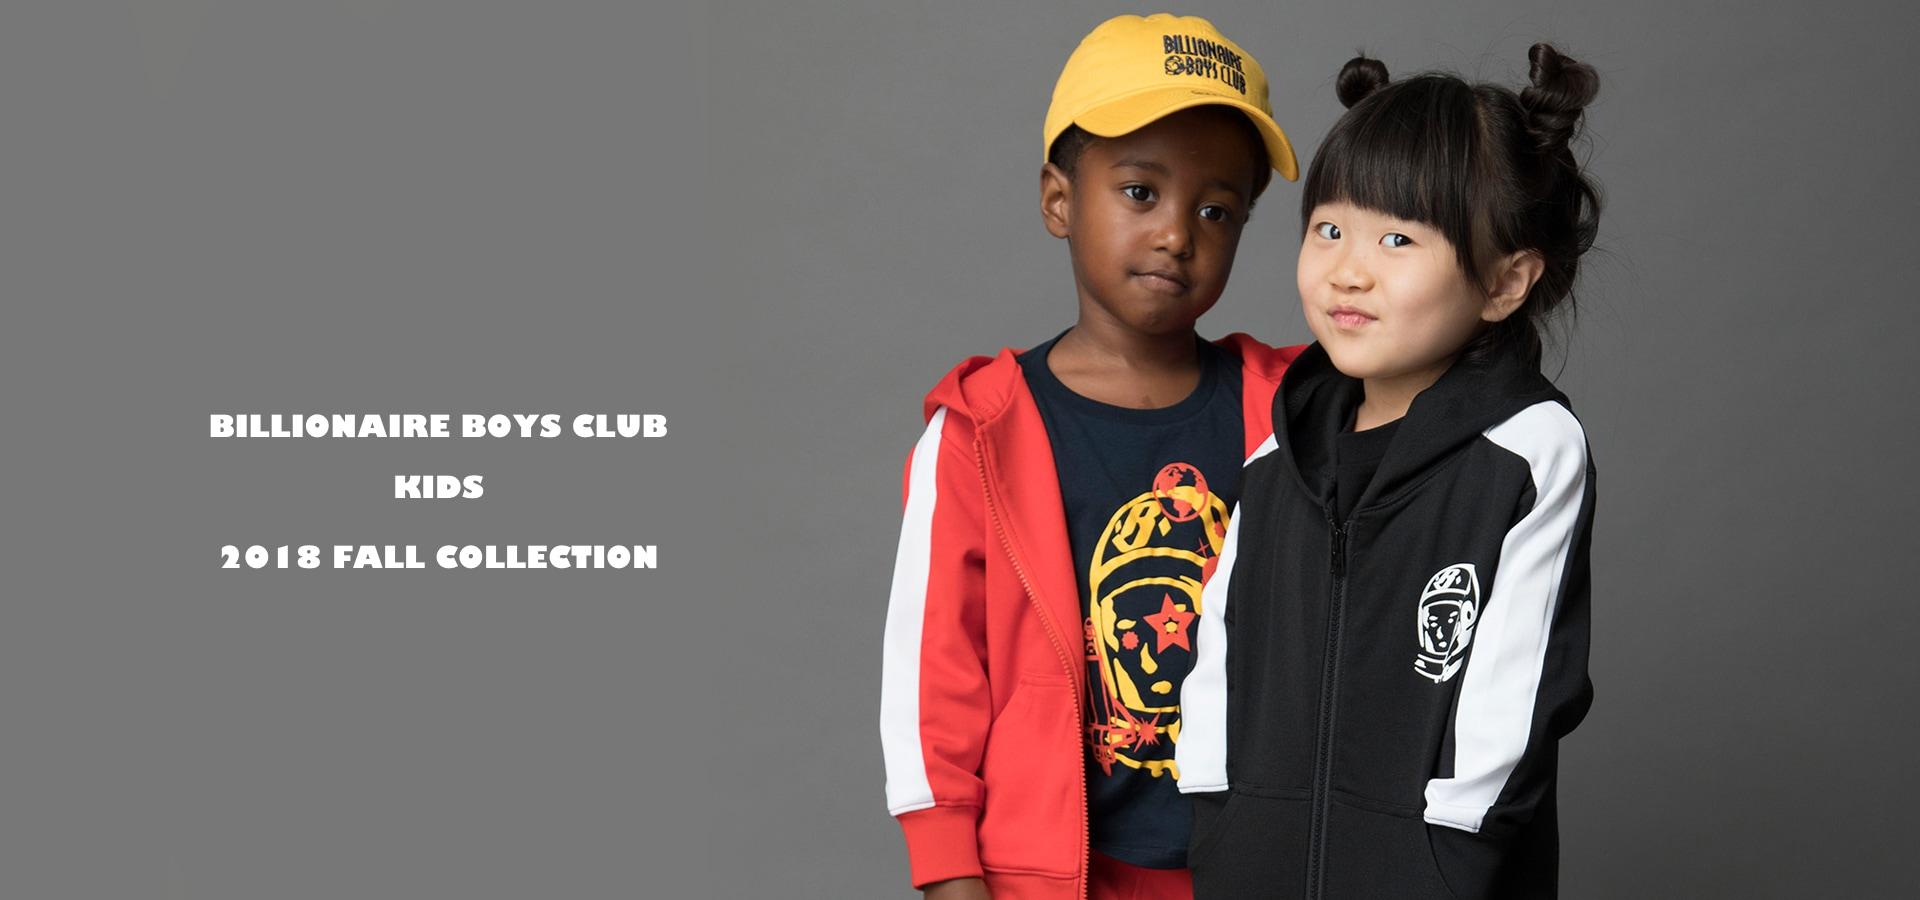 BILLIONAIRE BOYS CLUB KIDS ビリオネアボーイズクラブ キッズ